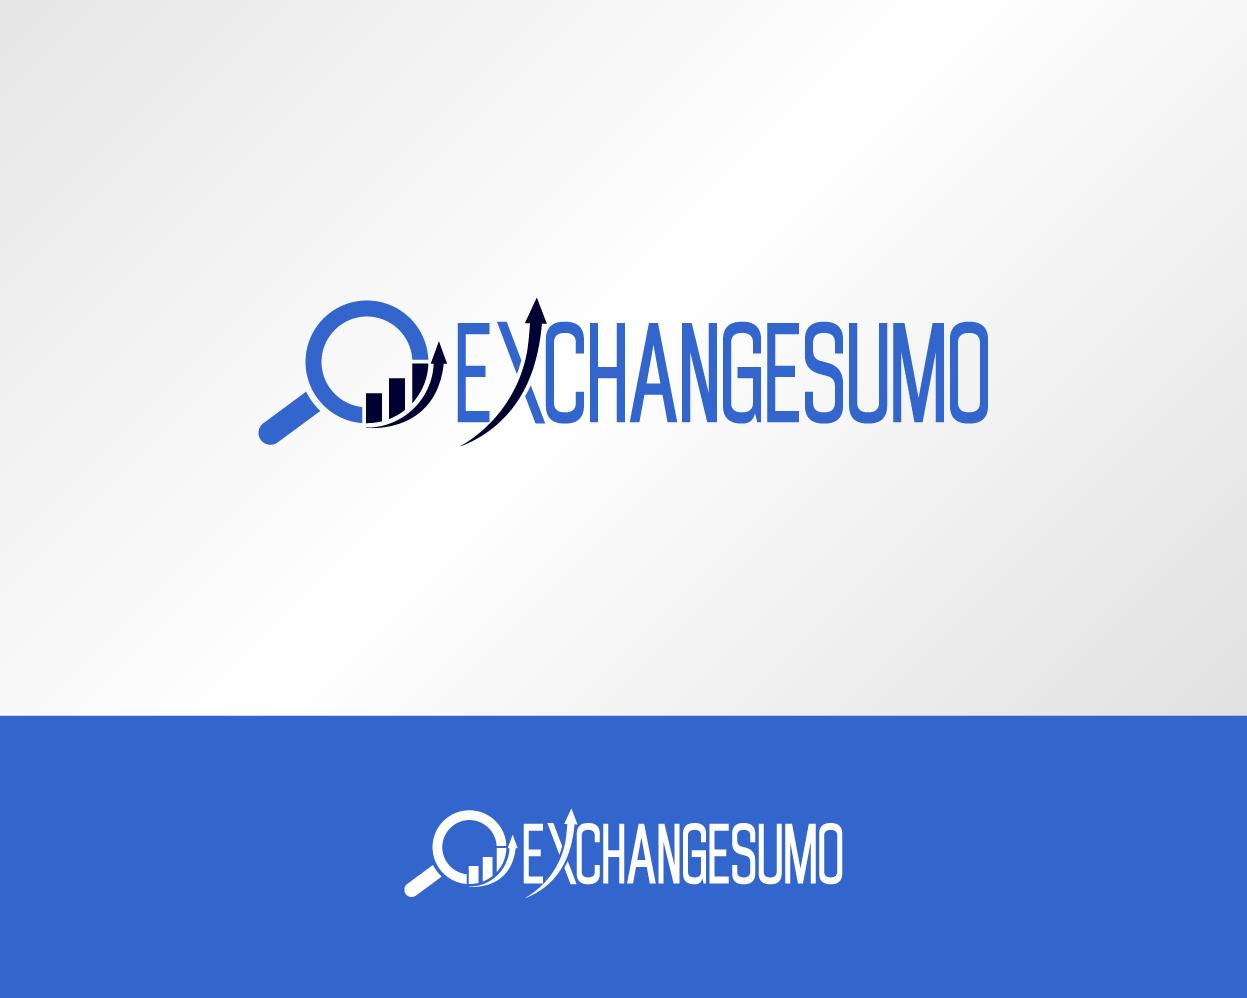 Логотип для мониторинга обменников фото f_4415bafb238d85e0.png